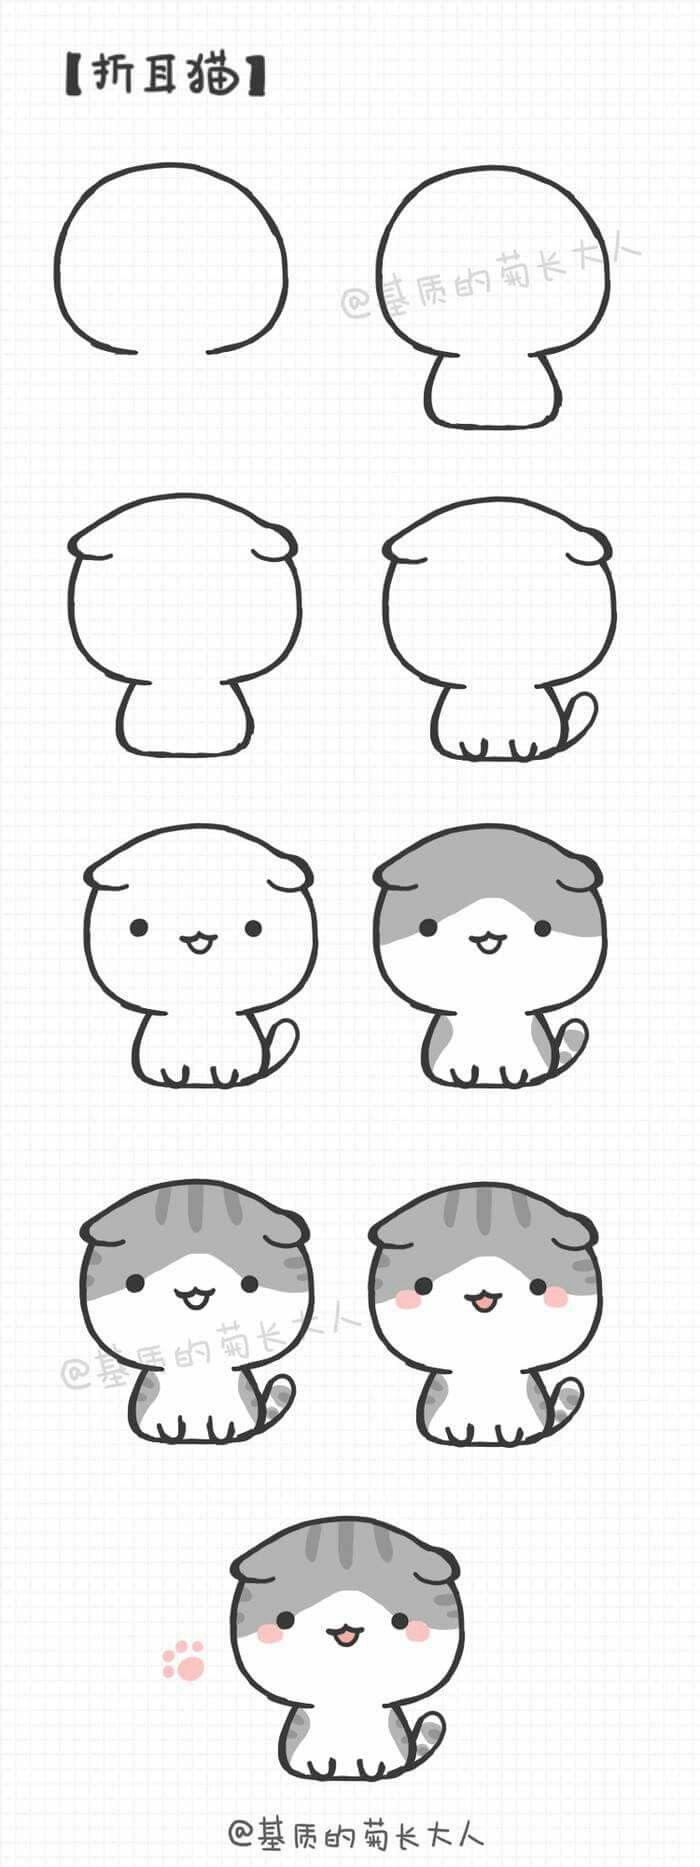 Няшный Каваи котик